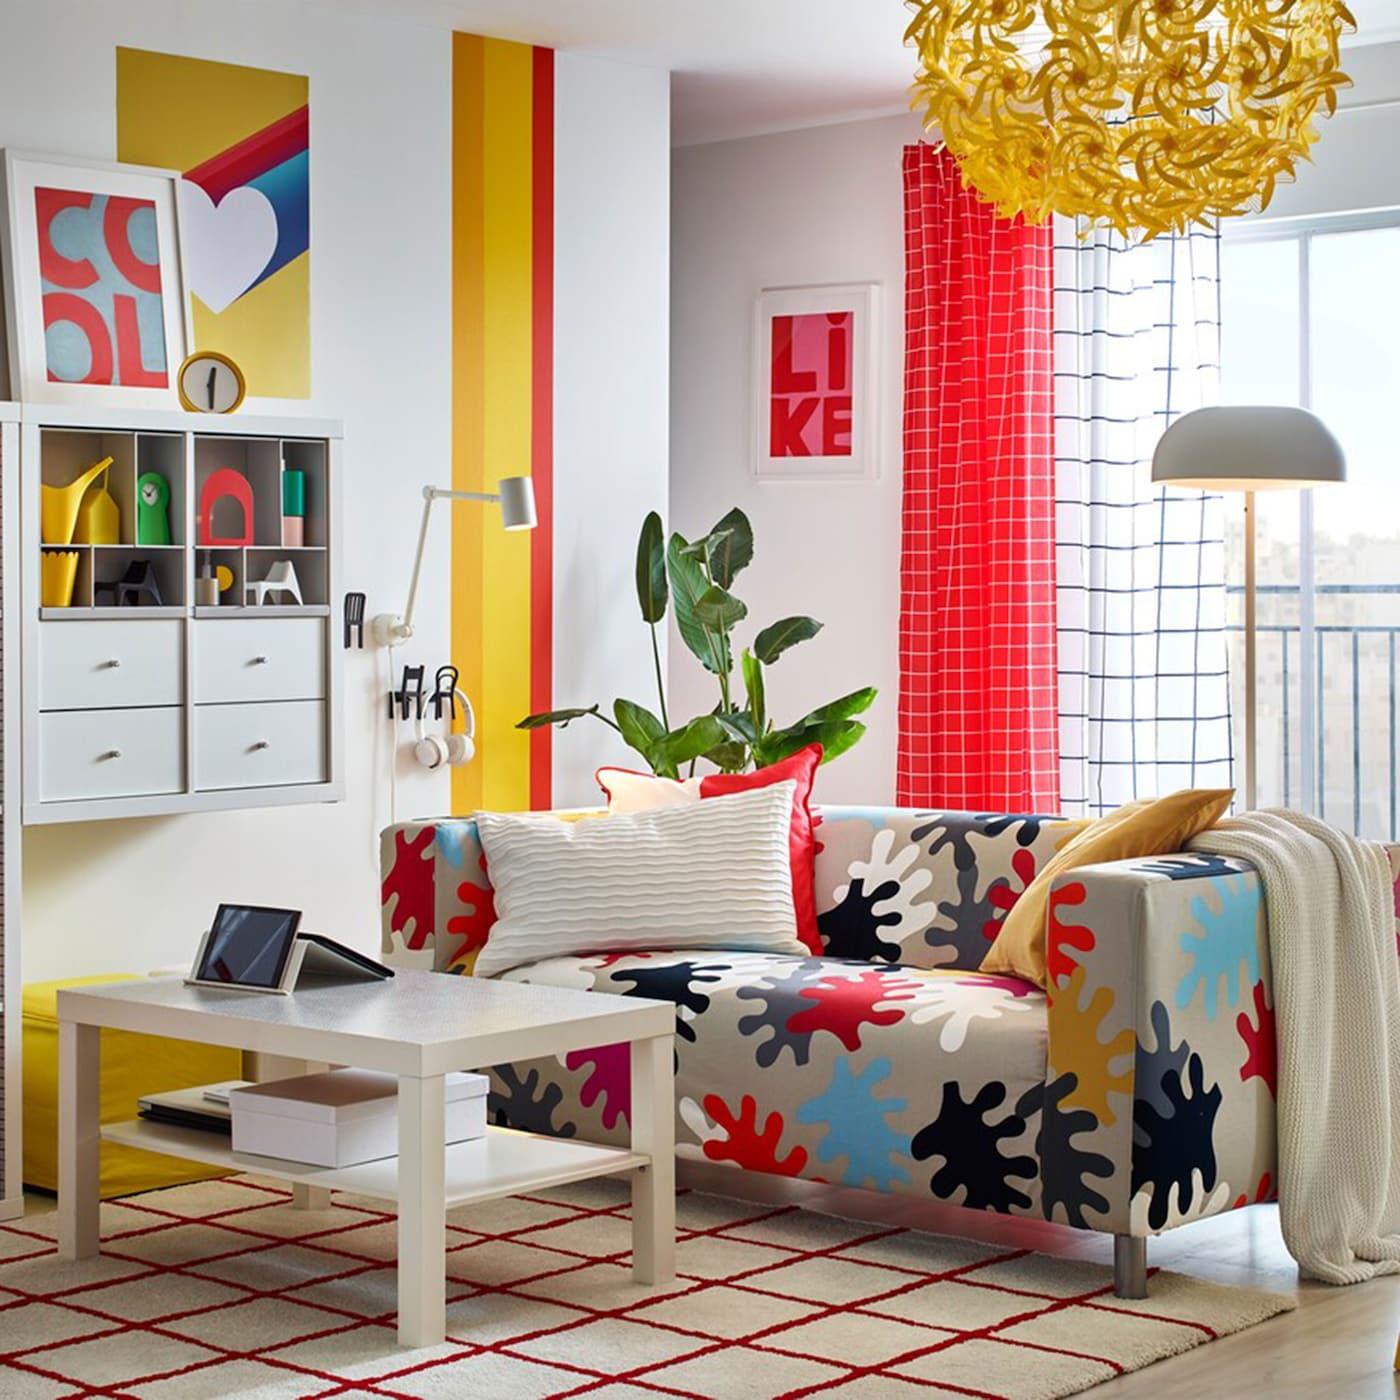 Merveilleux Living Room Gallery   IKEA